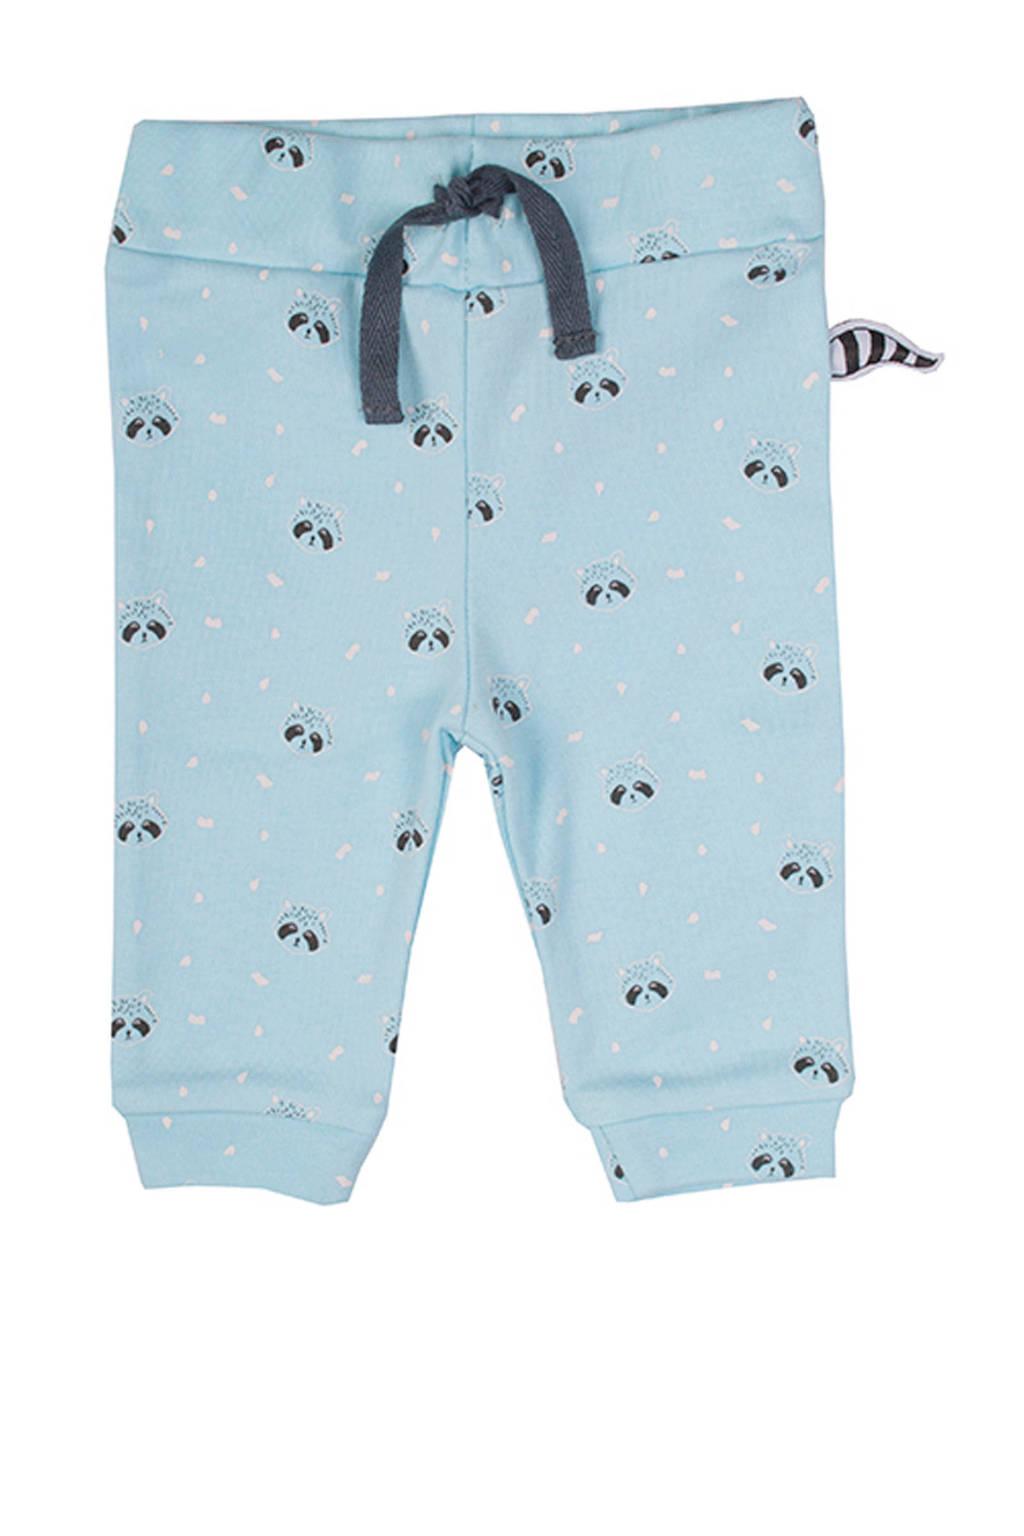 Zero2three baby broek met all over print lichtblauw/donkerblauw, Lichtblauw/donkerblauw